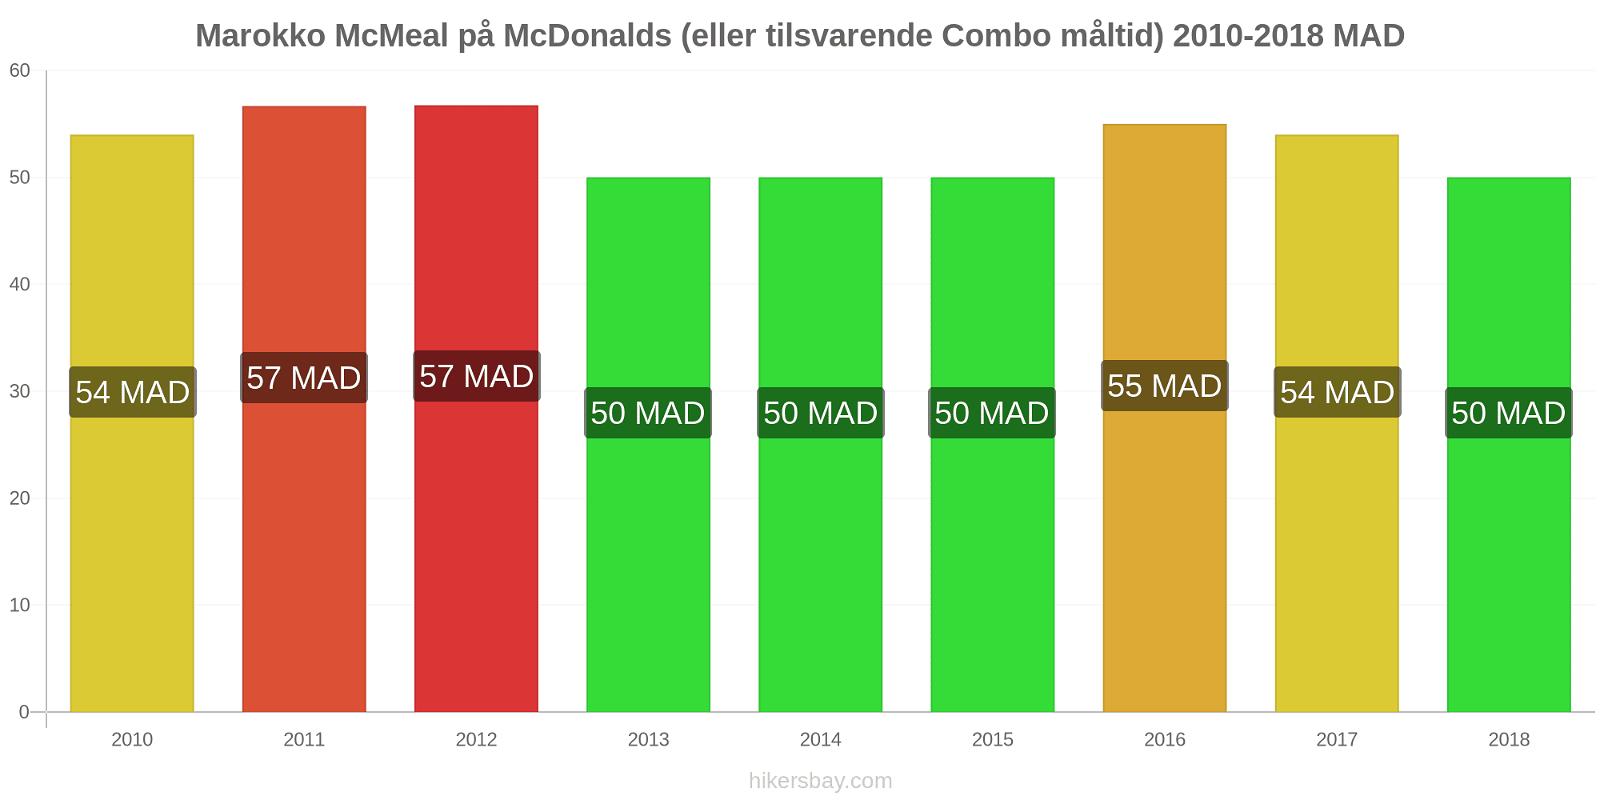 Marokko prisændringer McMeal på McDonalds (eller tilsvarende Combo måltid) hikersbay.com